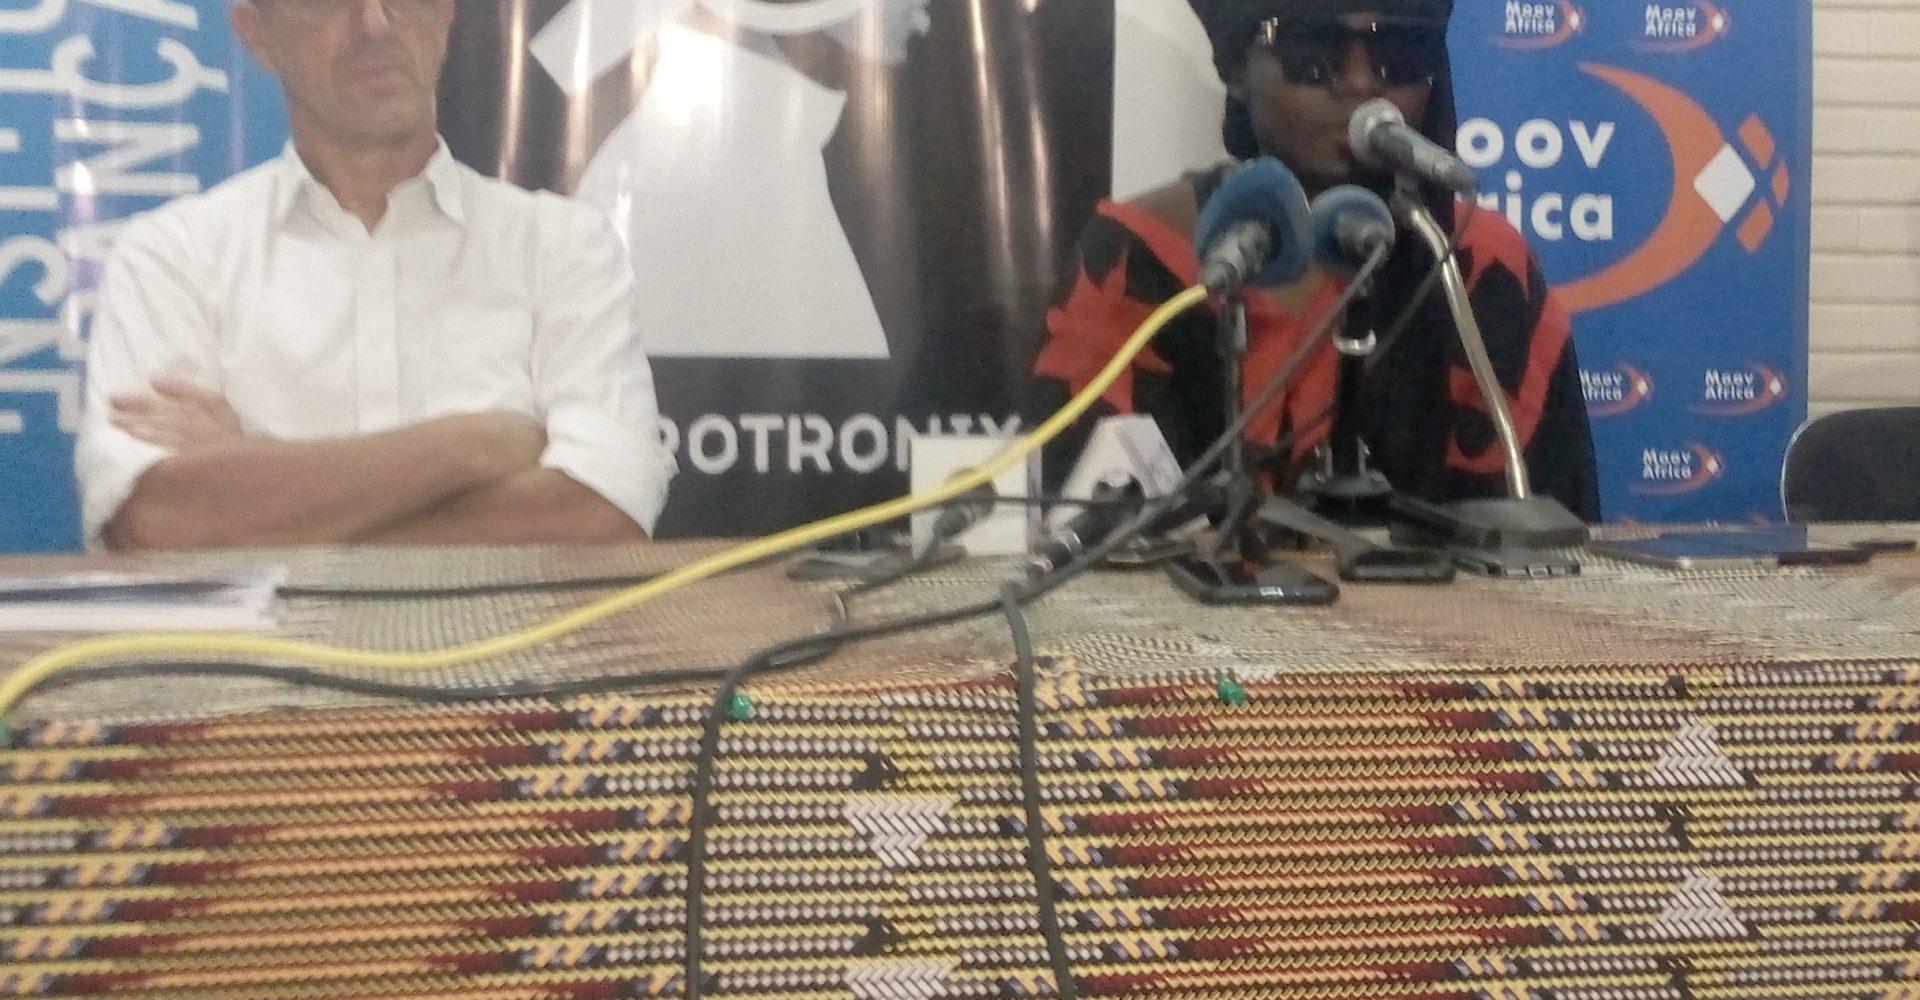 Afrotronix, tête d'affiche de la fête de la musique 1